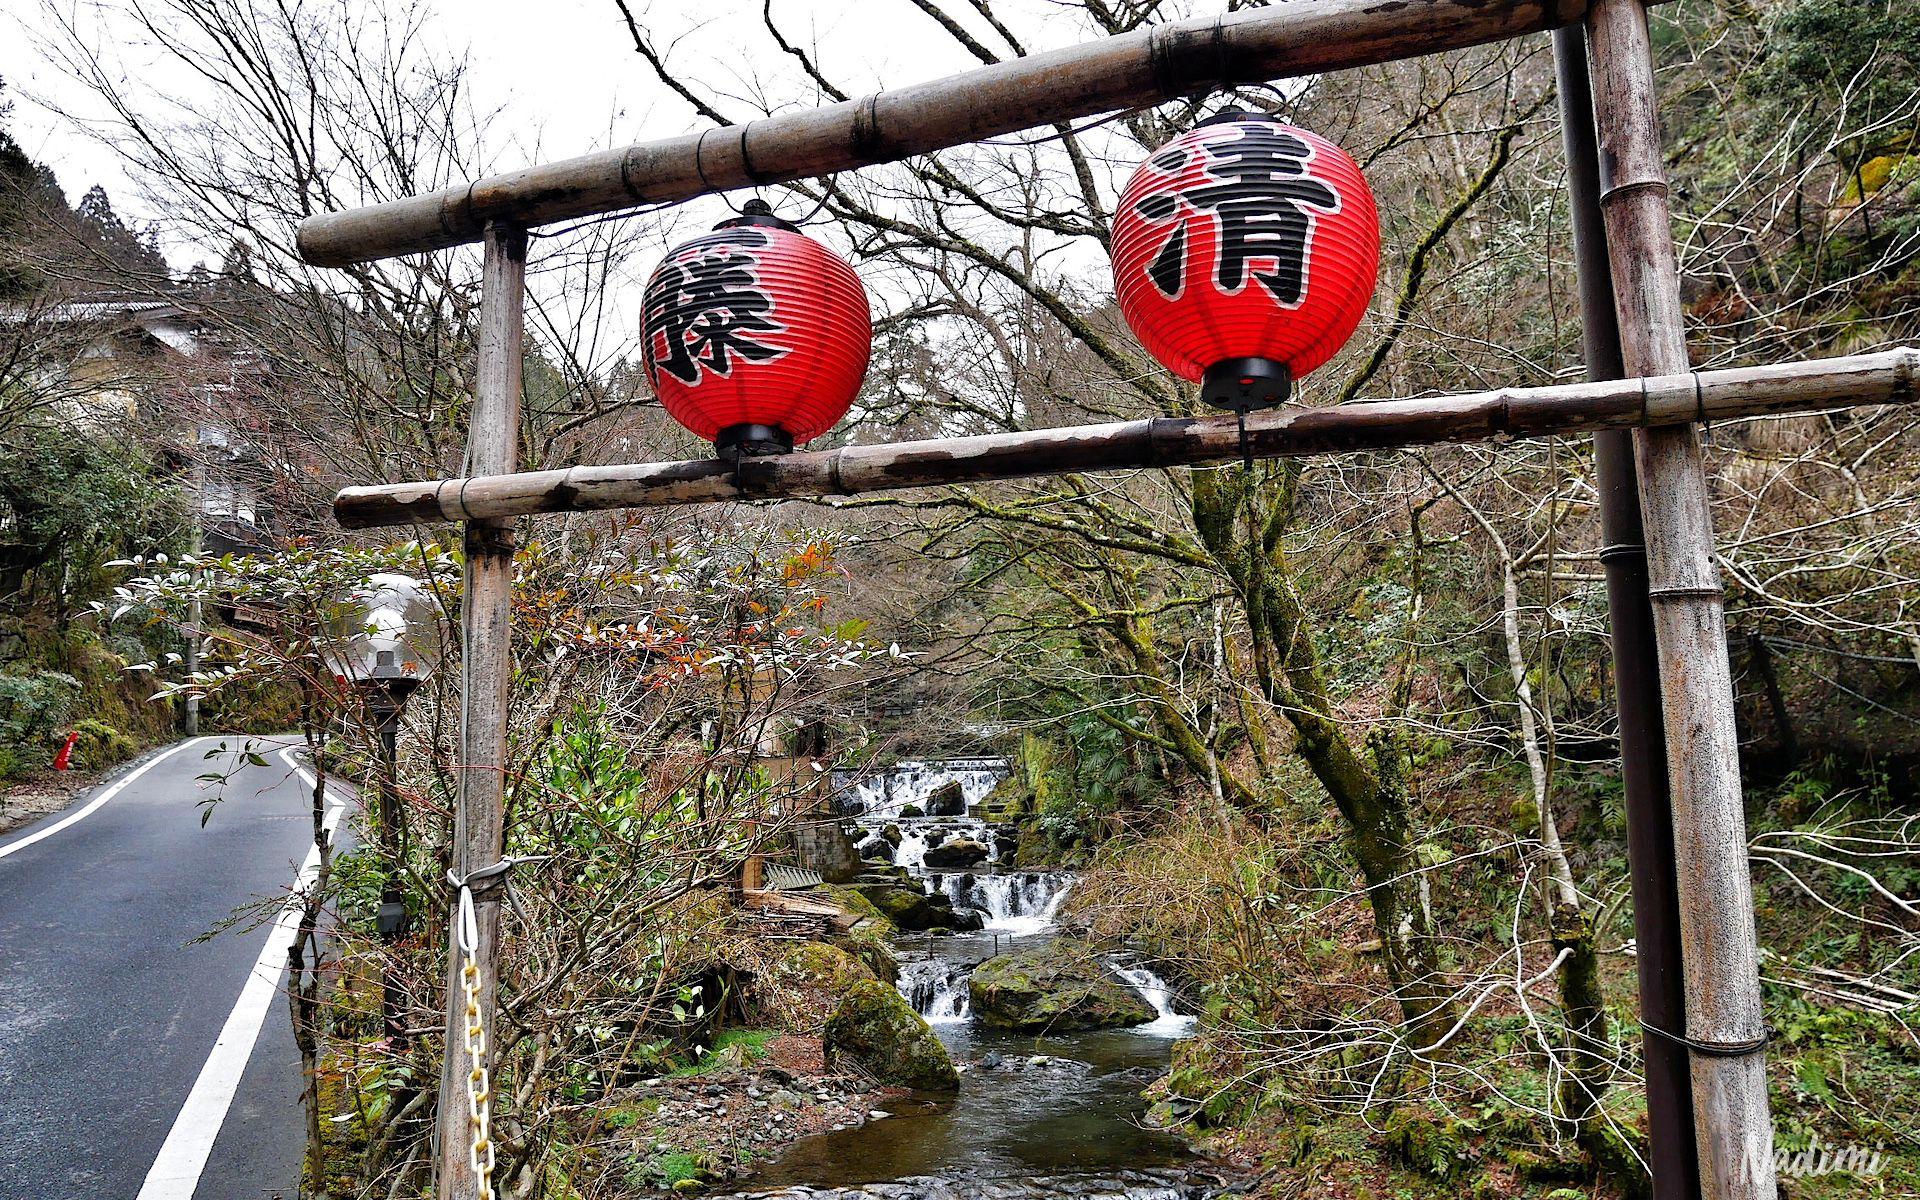 เที่ยวศาลเจ้าคิฟุเนะ เกียวโต ศาลเจ้าญี่ปุ่นขอพรเรื่องความรัก